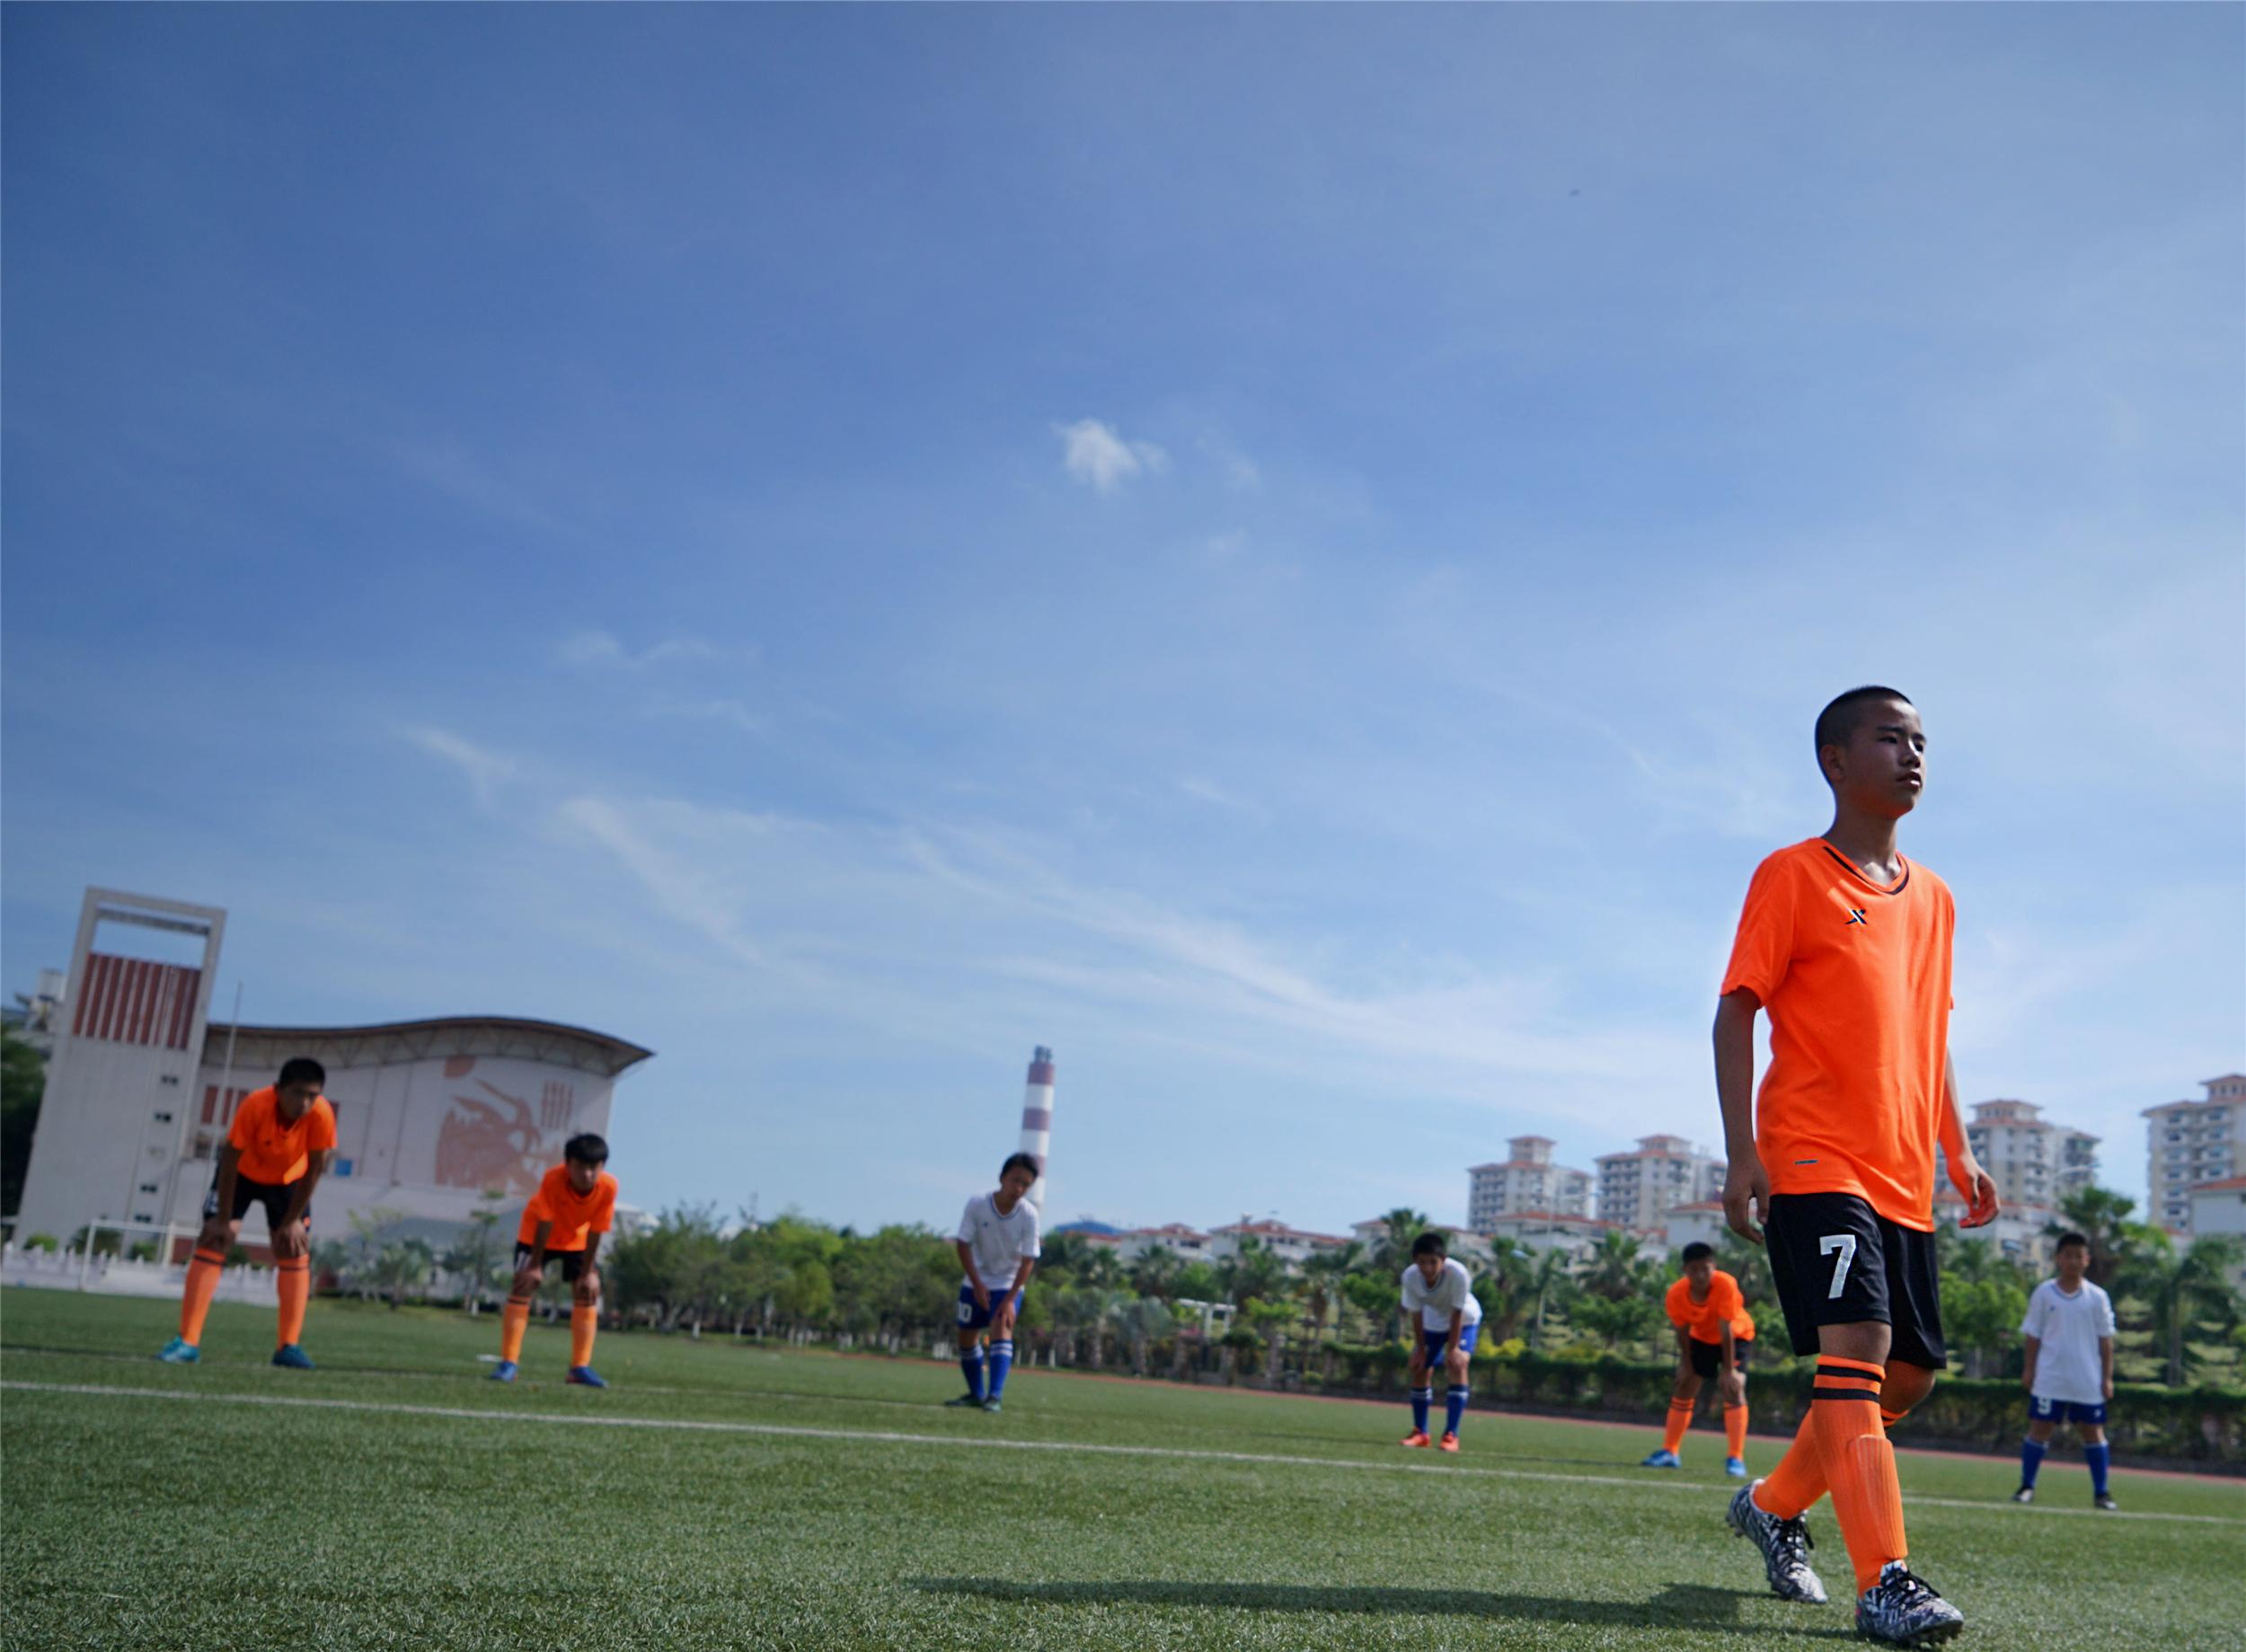 特步:《中国有足球》迷你剧内容蓄势与待发